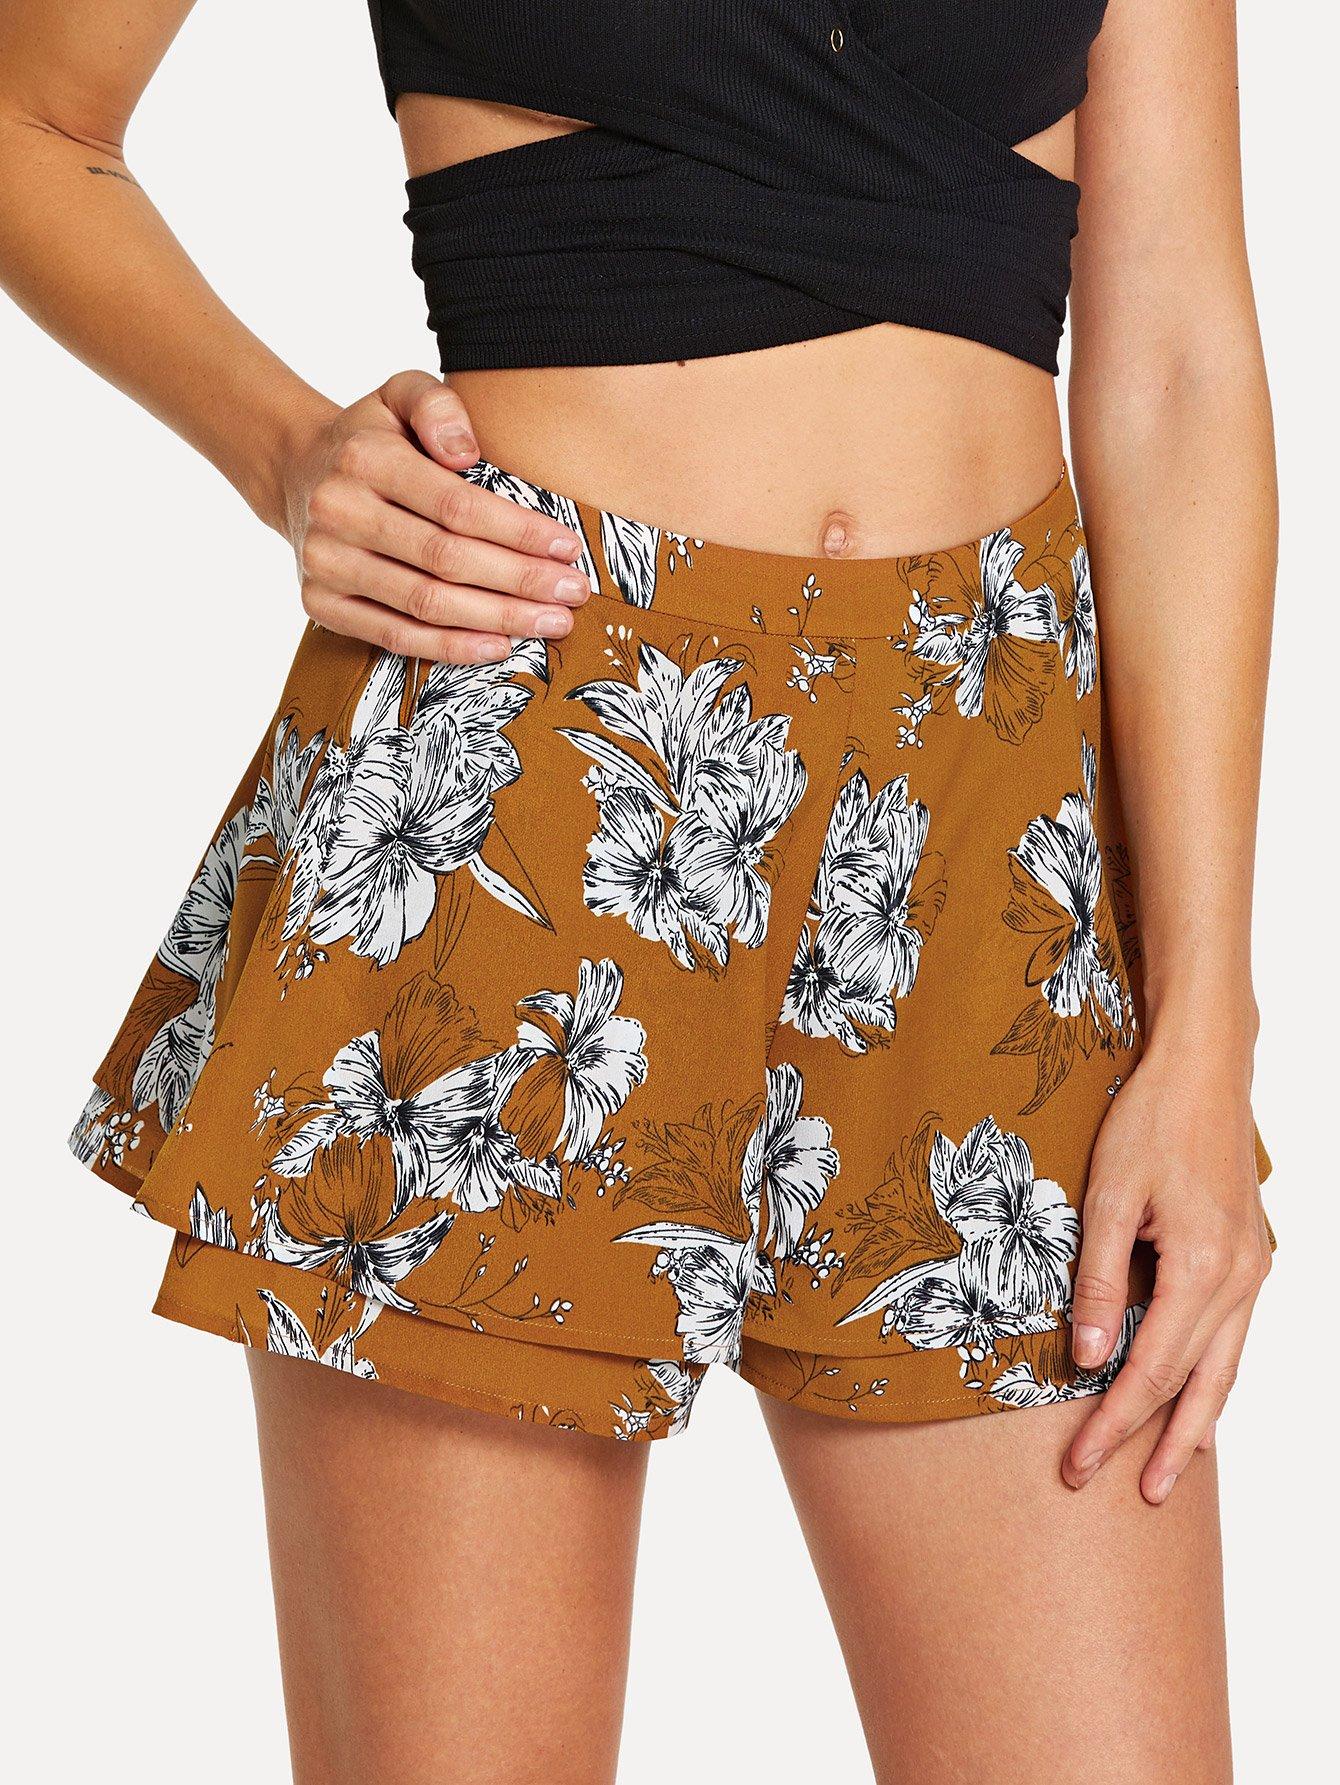 Купить Цветочные шорты с двойным слоем, Masha, SheIn